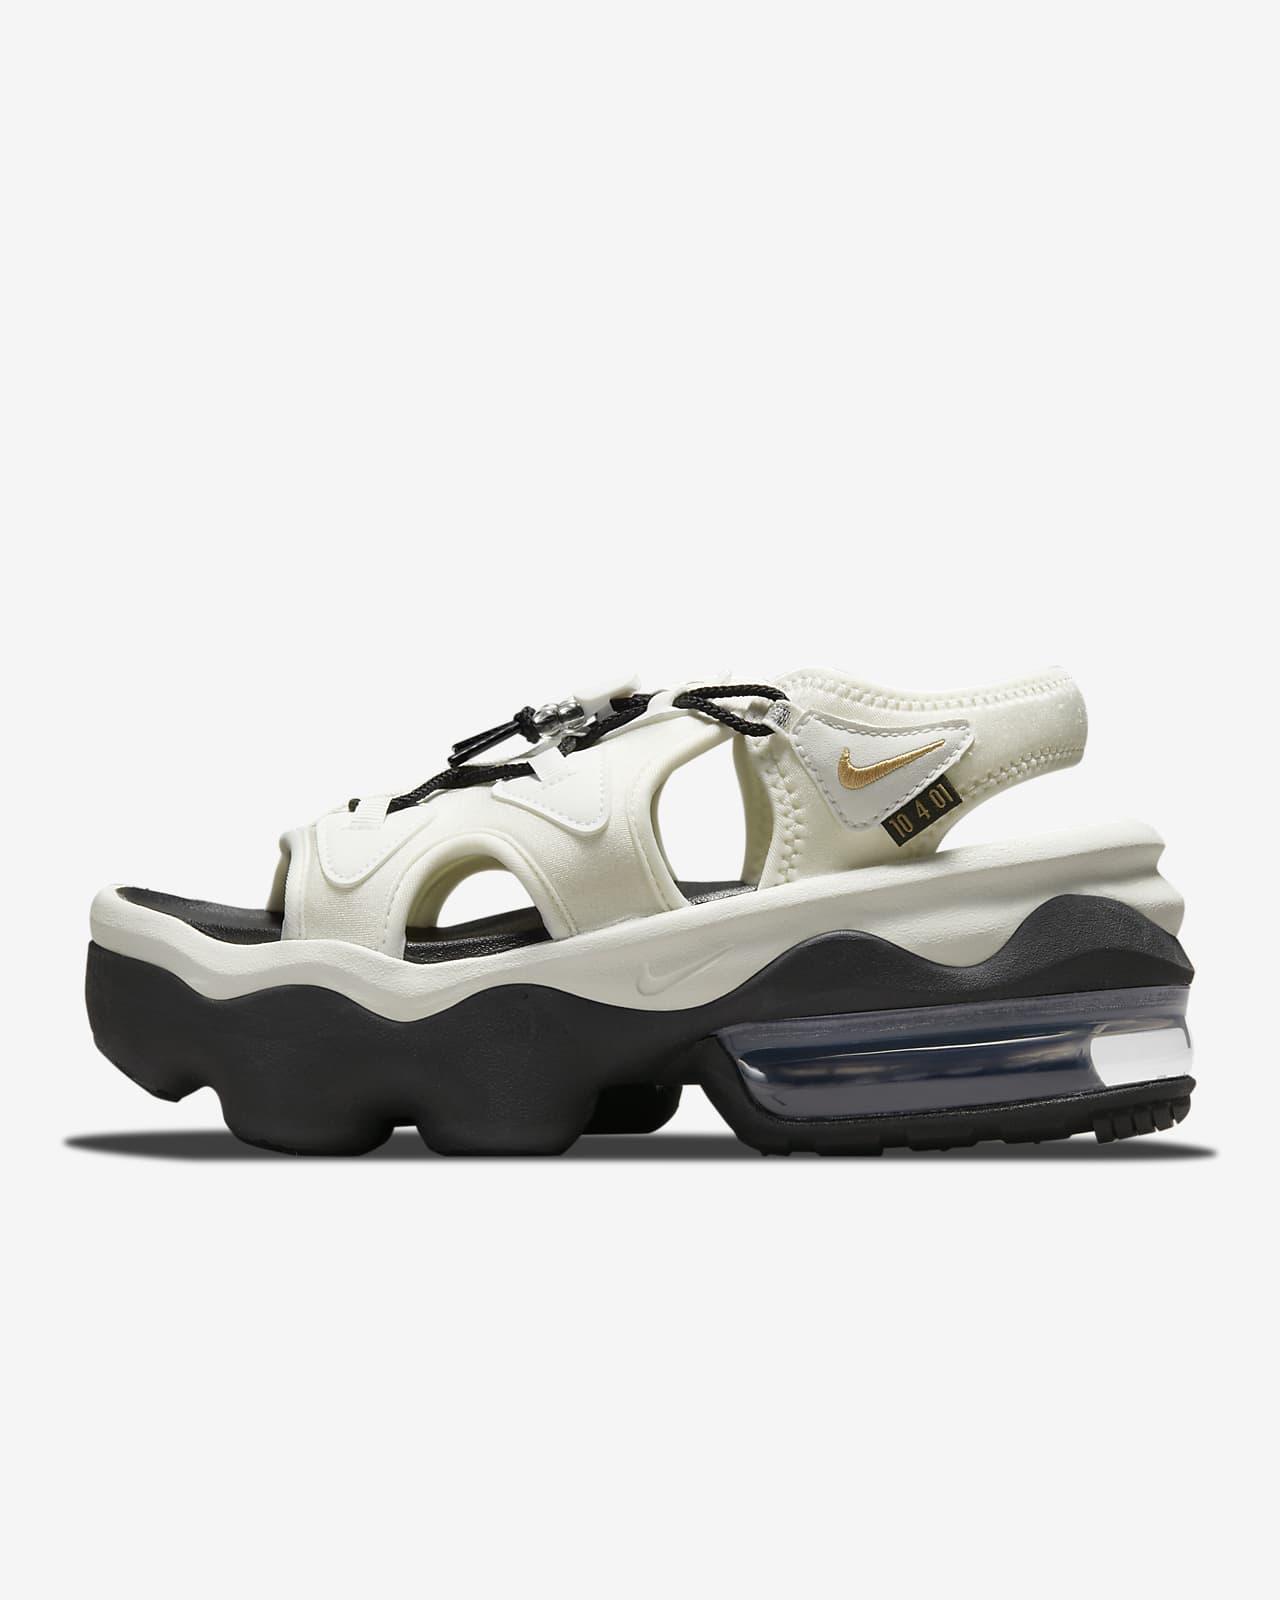 Nike Air Max Koko Serena Design Crew Women's Sandals